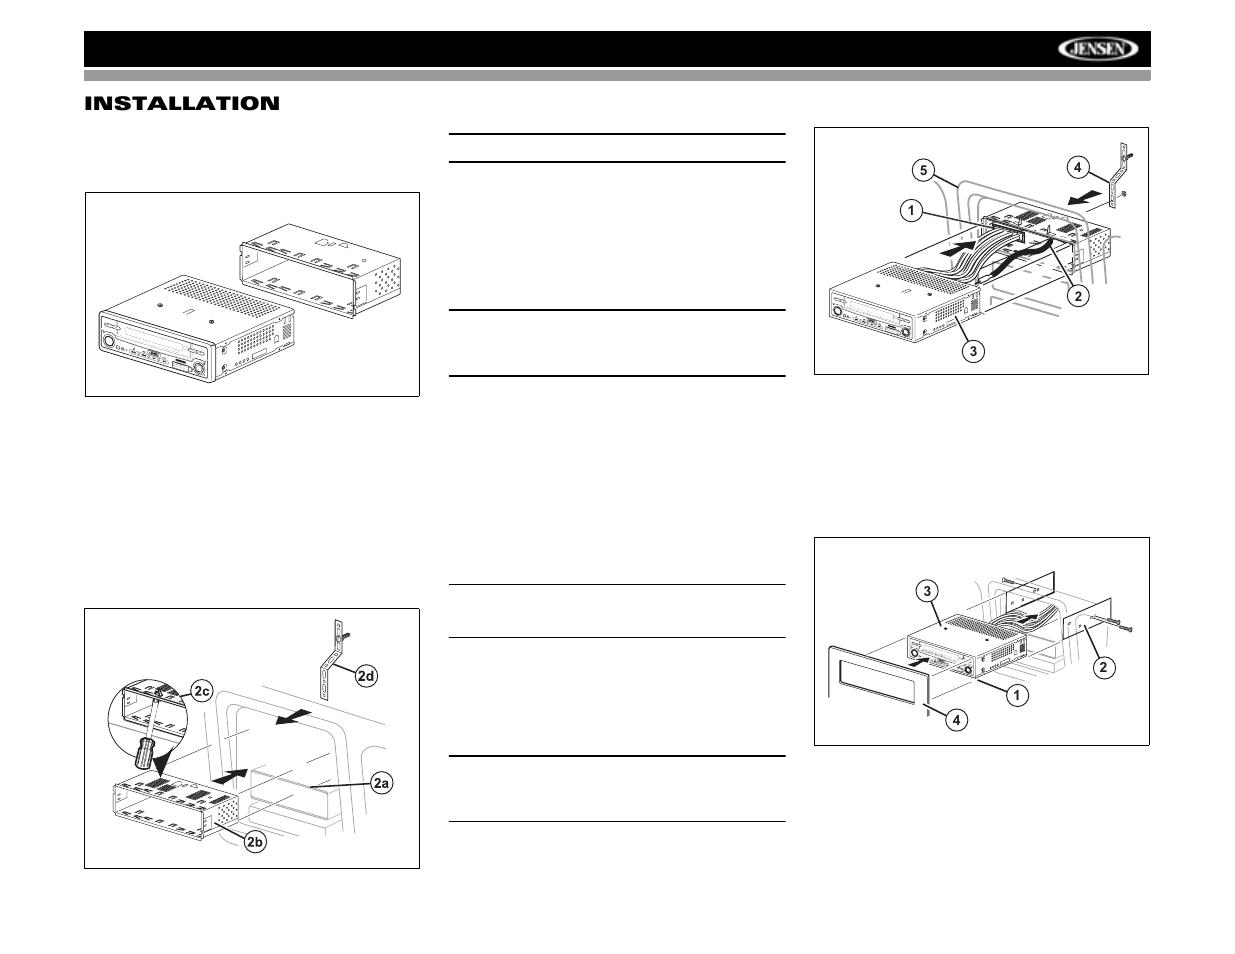 jensen vm9512 wiring diagram